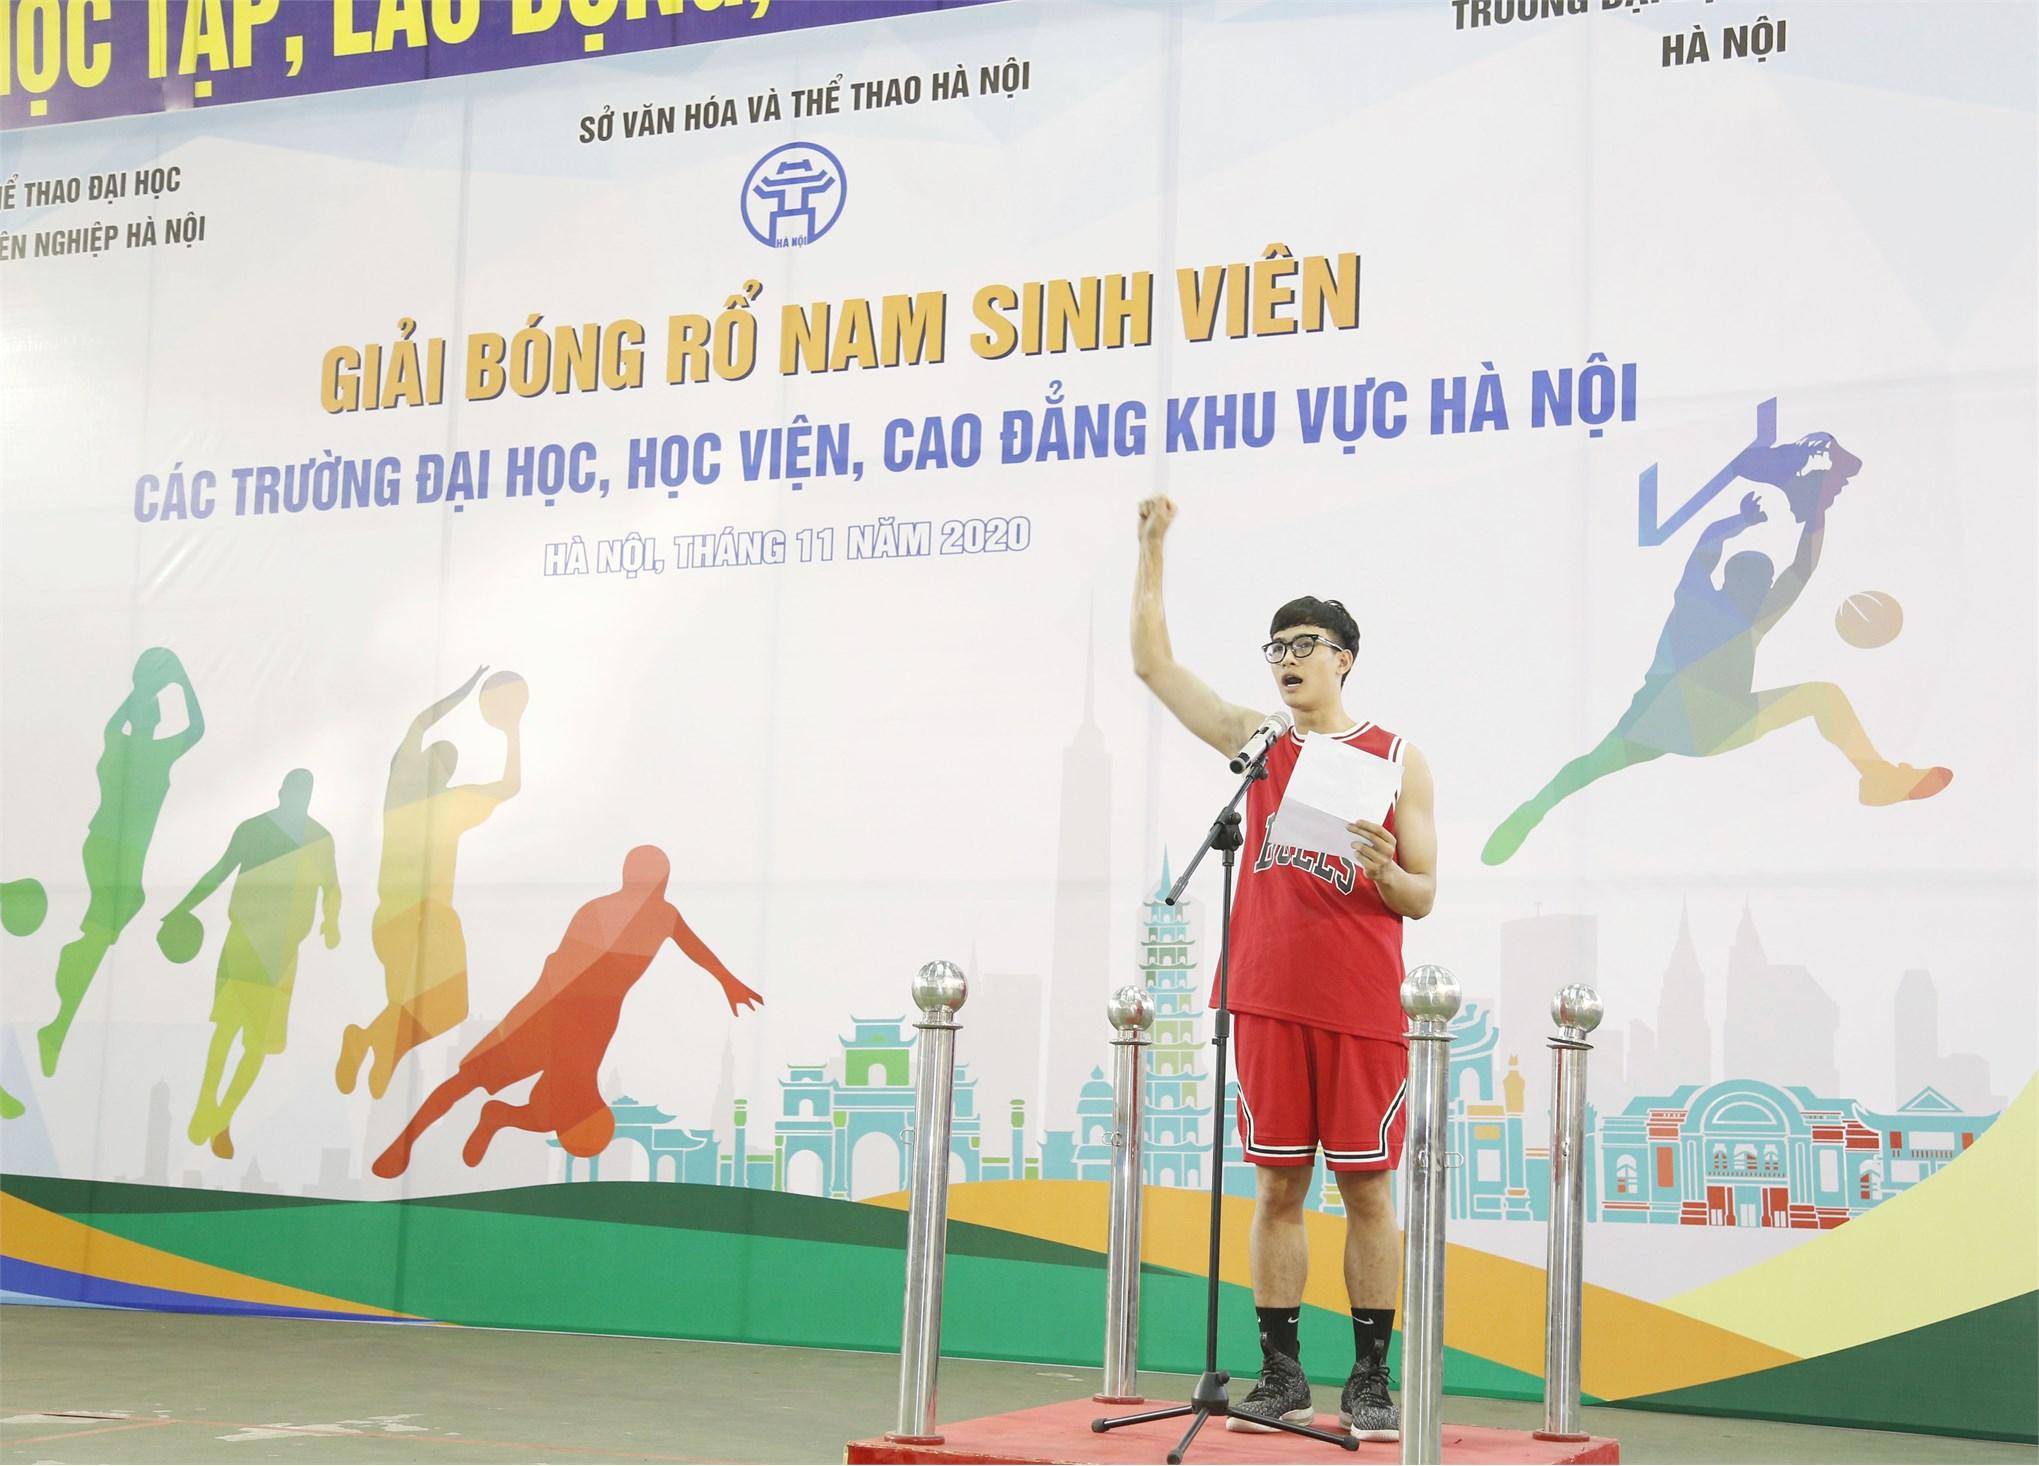 Khai mạc Giải bóng rổ nam sinh viên Hà Nội năm 2020